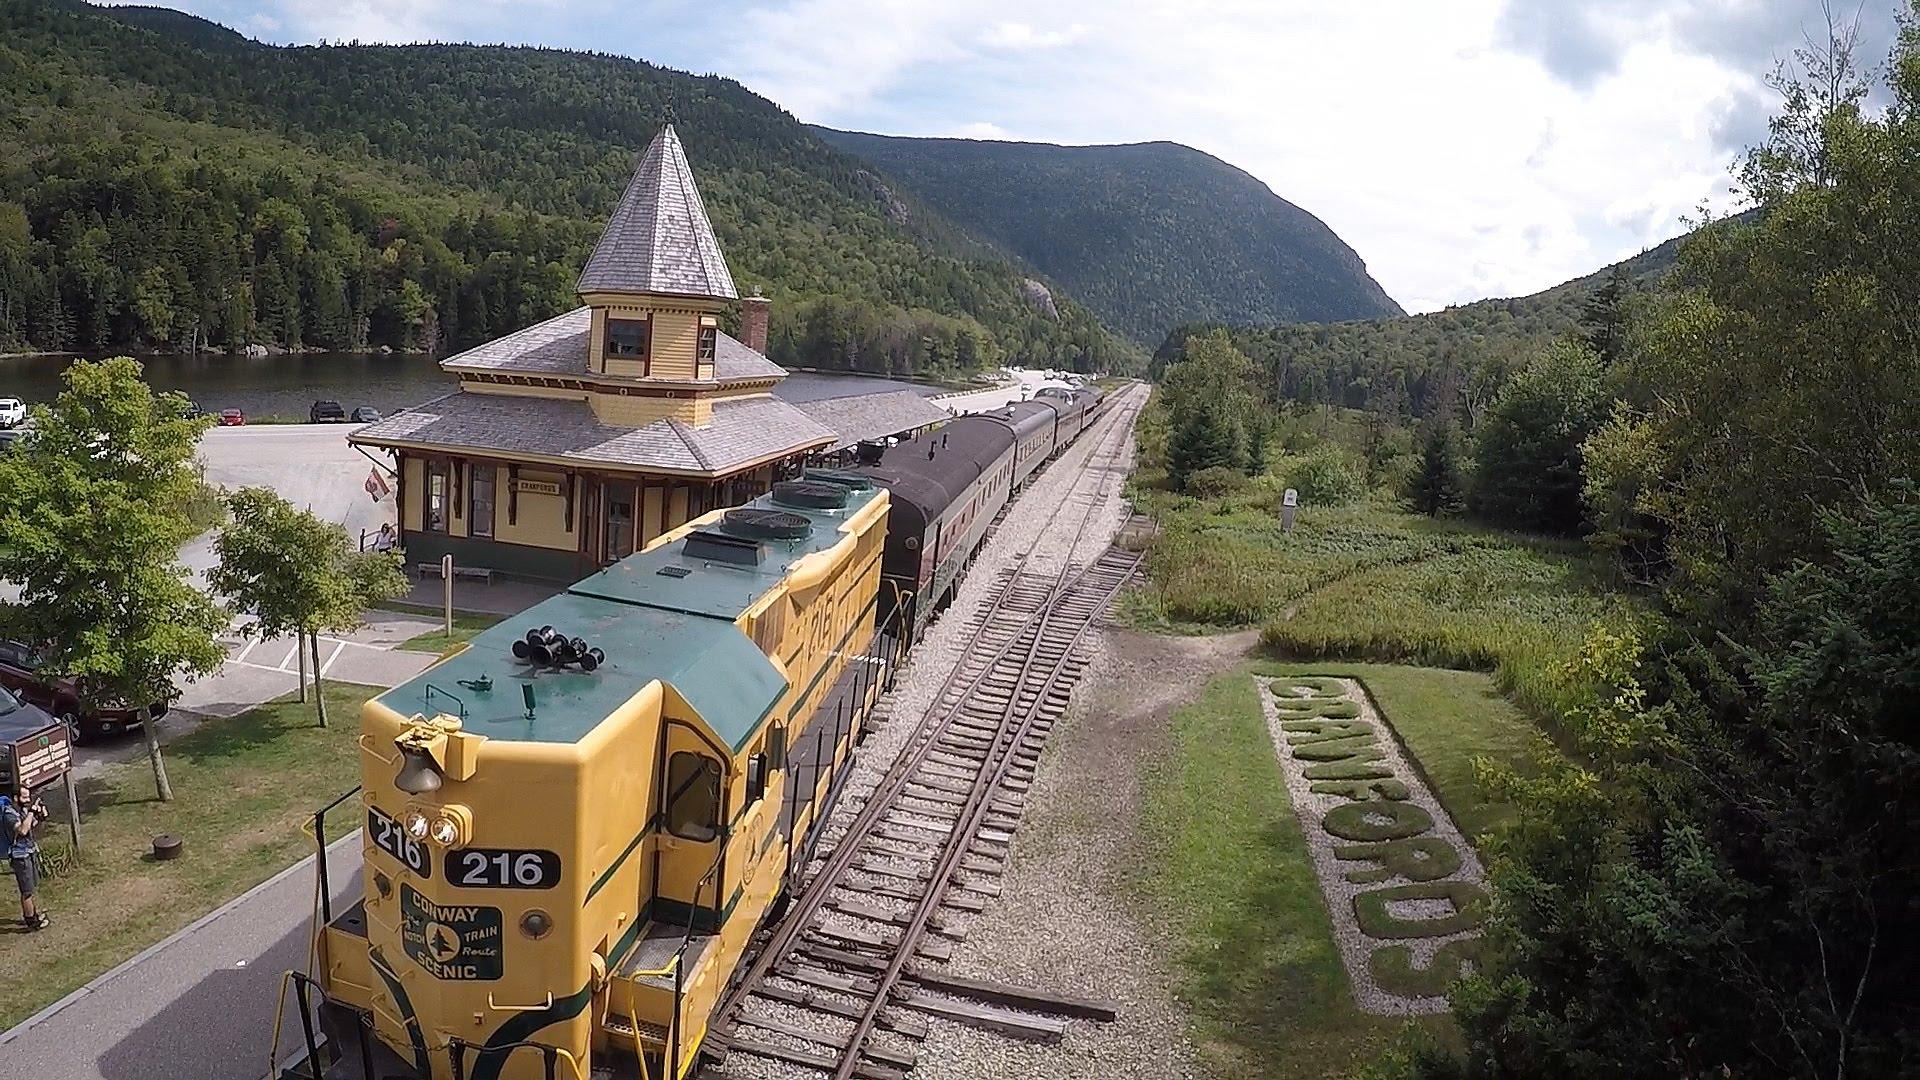 White Mountains Aerial Tour - New Hampshire - YouTube